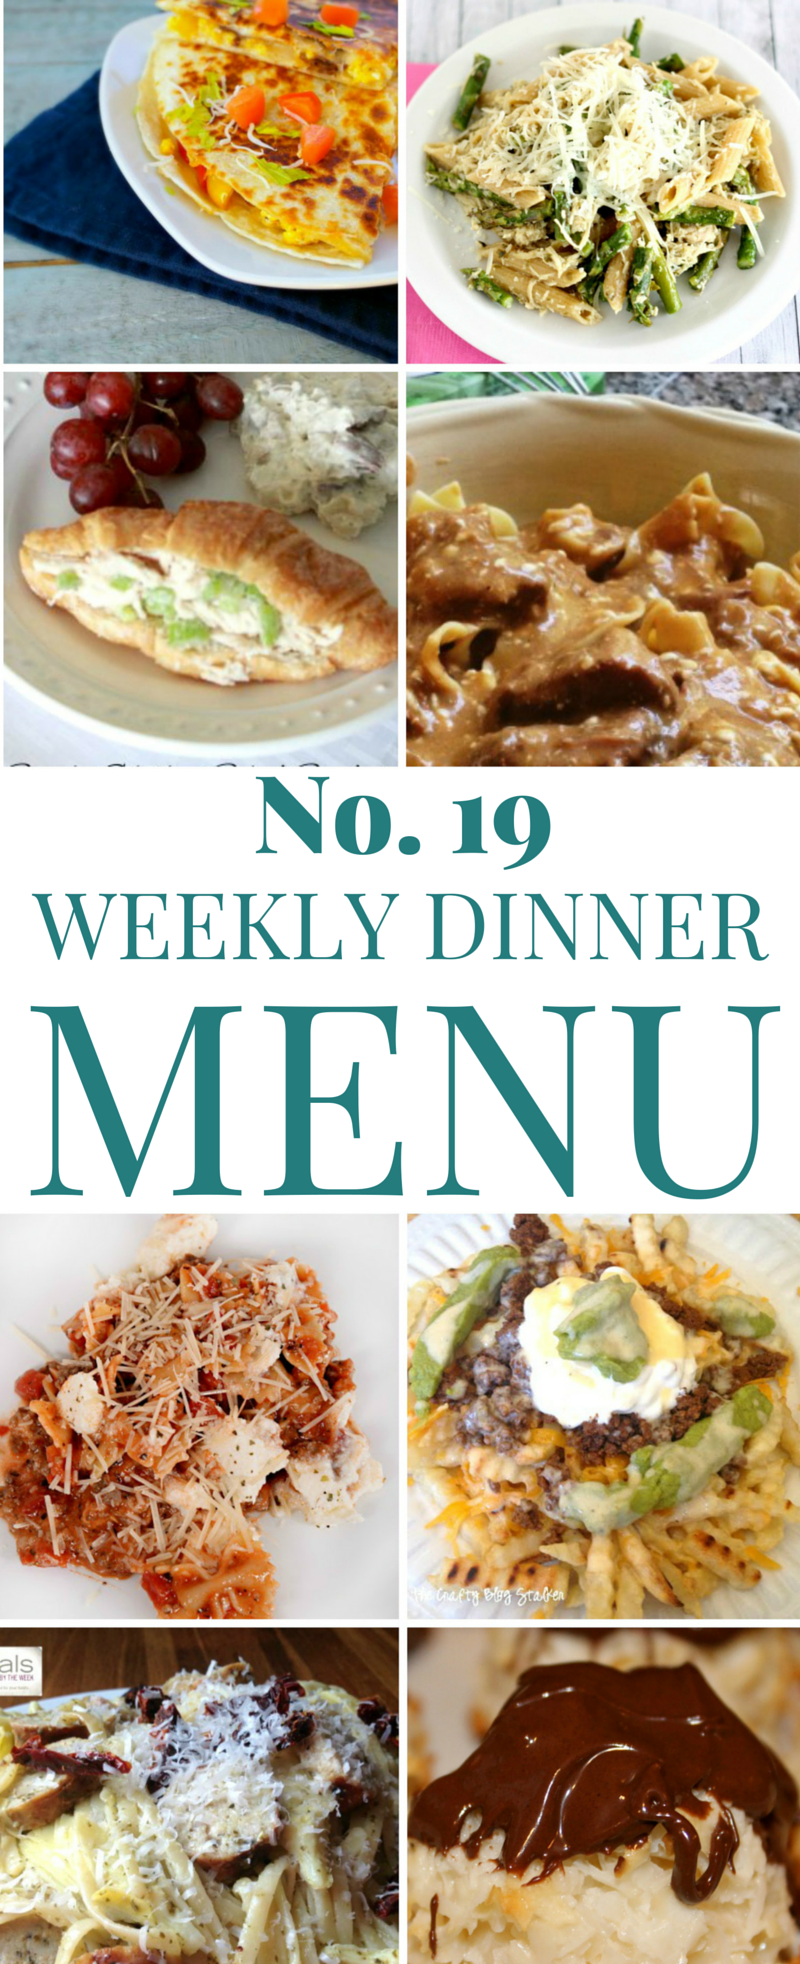 Weekly Dinner Menu 19